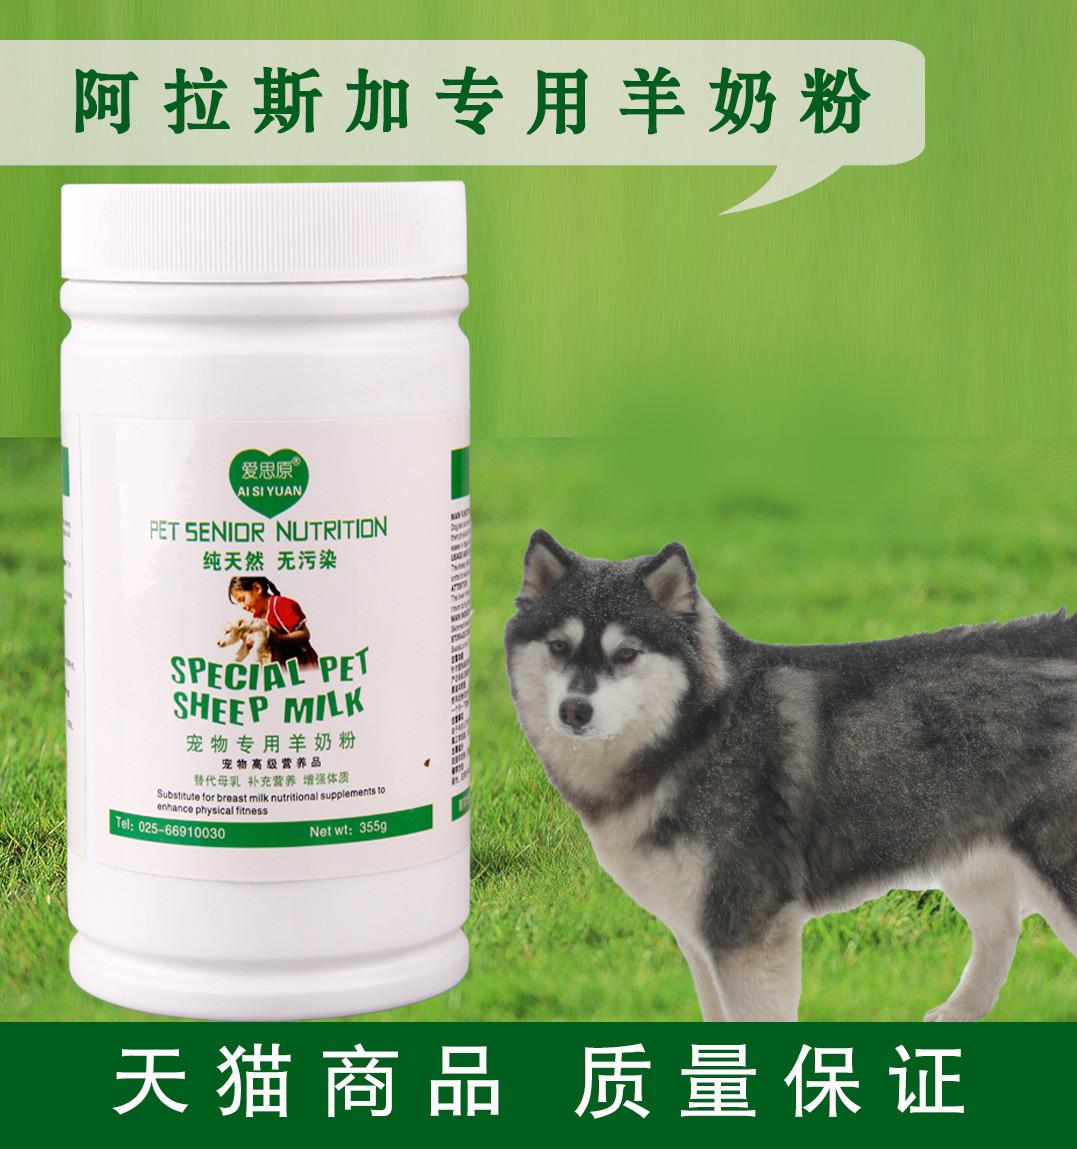 阿拉斯加 羊奶粉355g 寵物狗狗羊奶粉幼犬成犬哺乳期 _愛思原